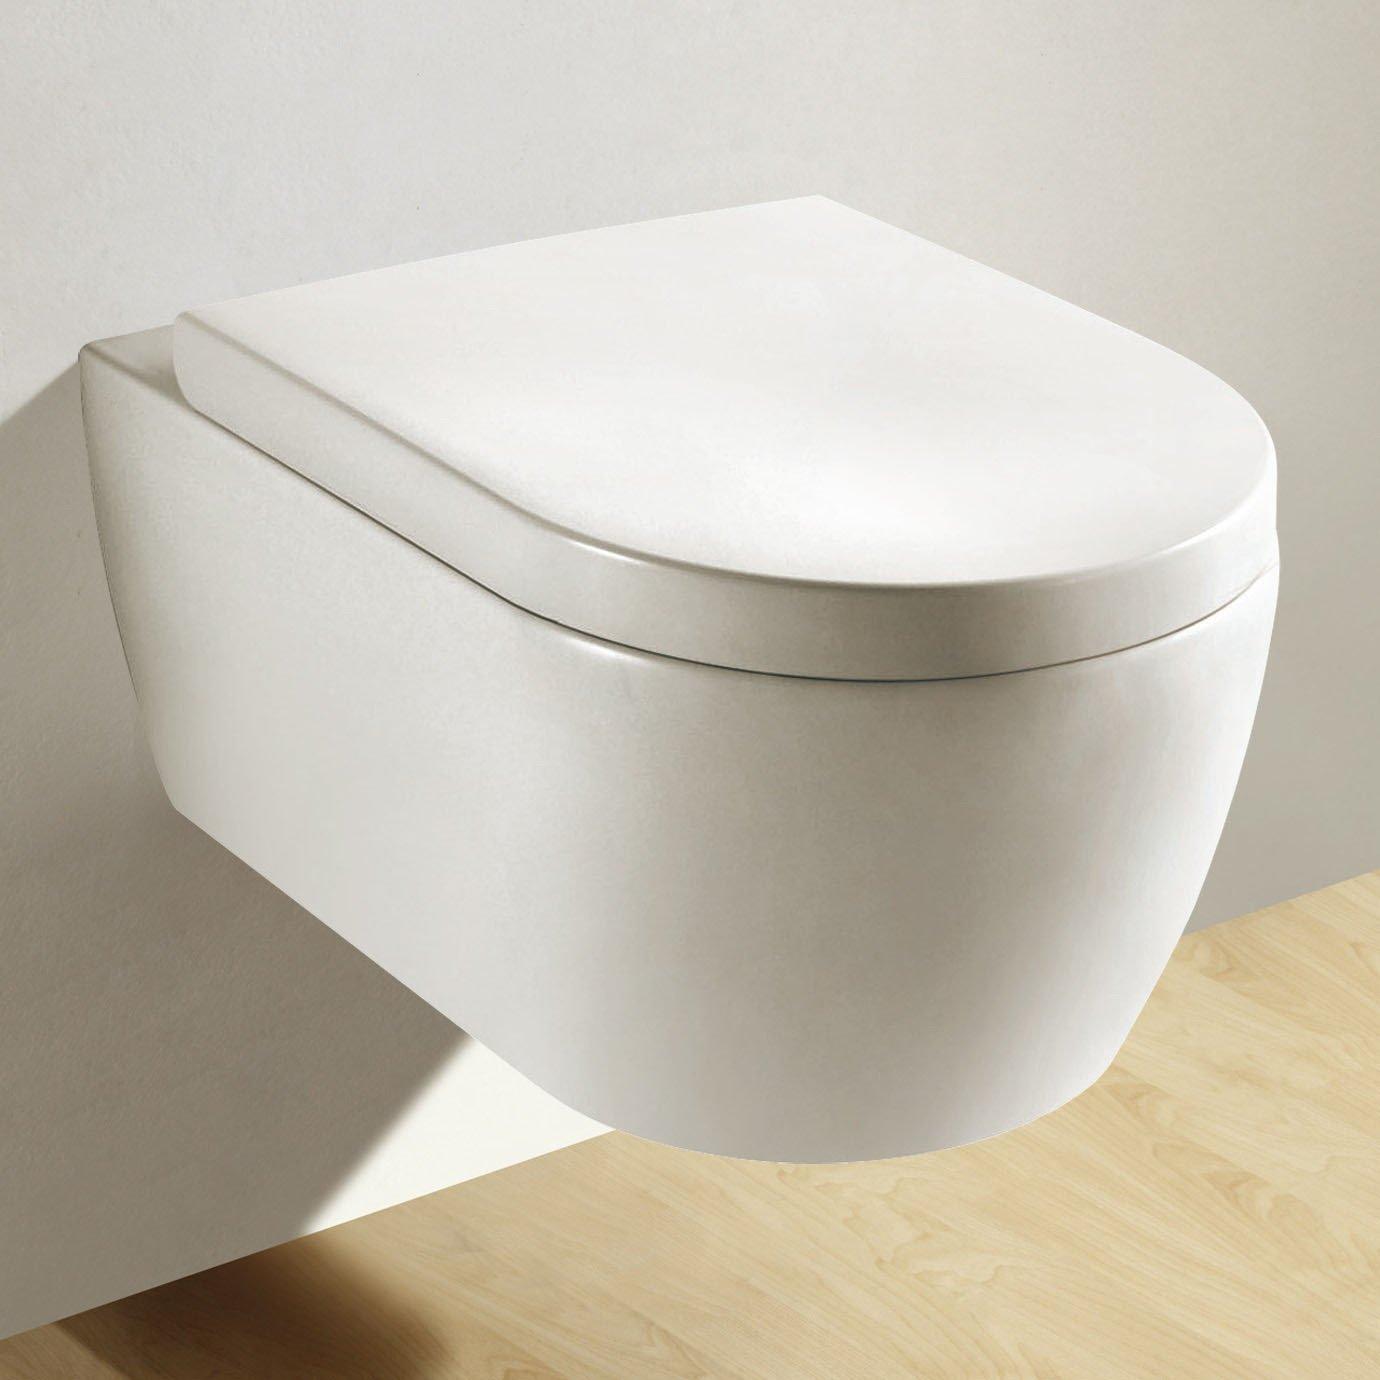 toiletten kaufen bewertungen jetzt vergleichen. Black Bedroom Furniture Sets. Home Design Ideas